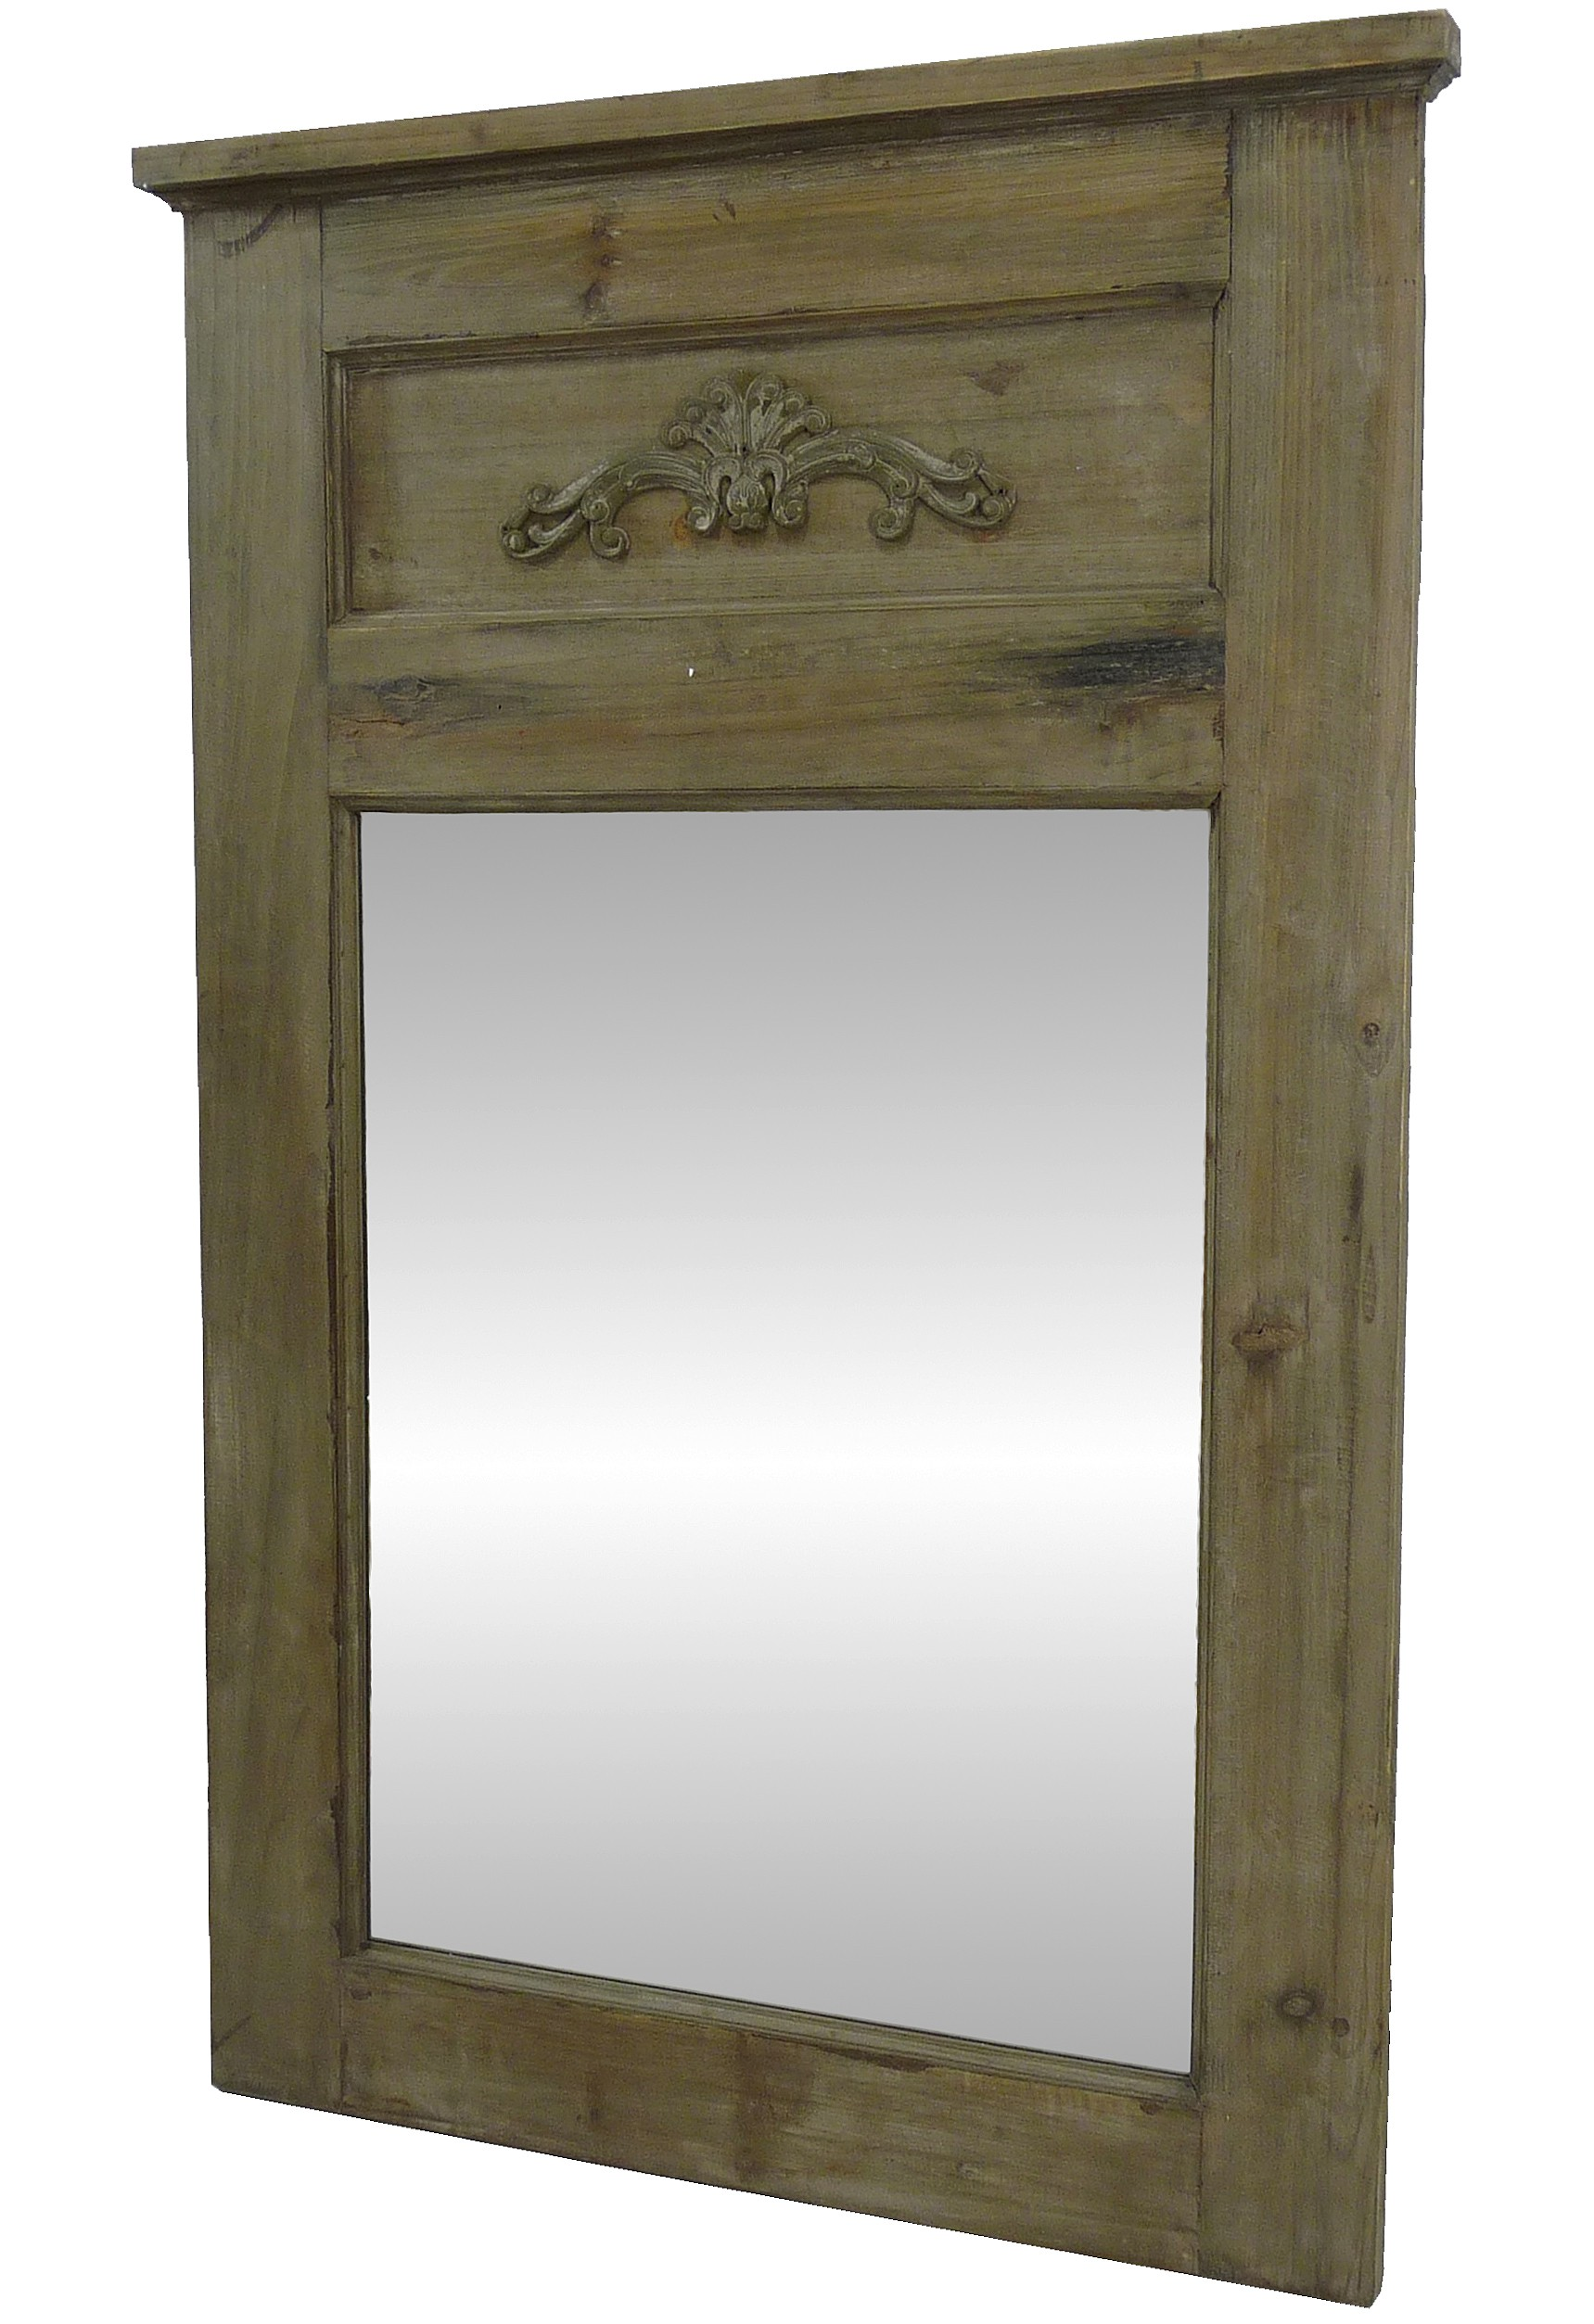 miroir pour chemine grand miroir de s with miroir pour chemine technique de luinsert with. Black Bedroom Furniture Sets. Home Design Ideas